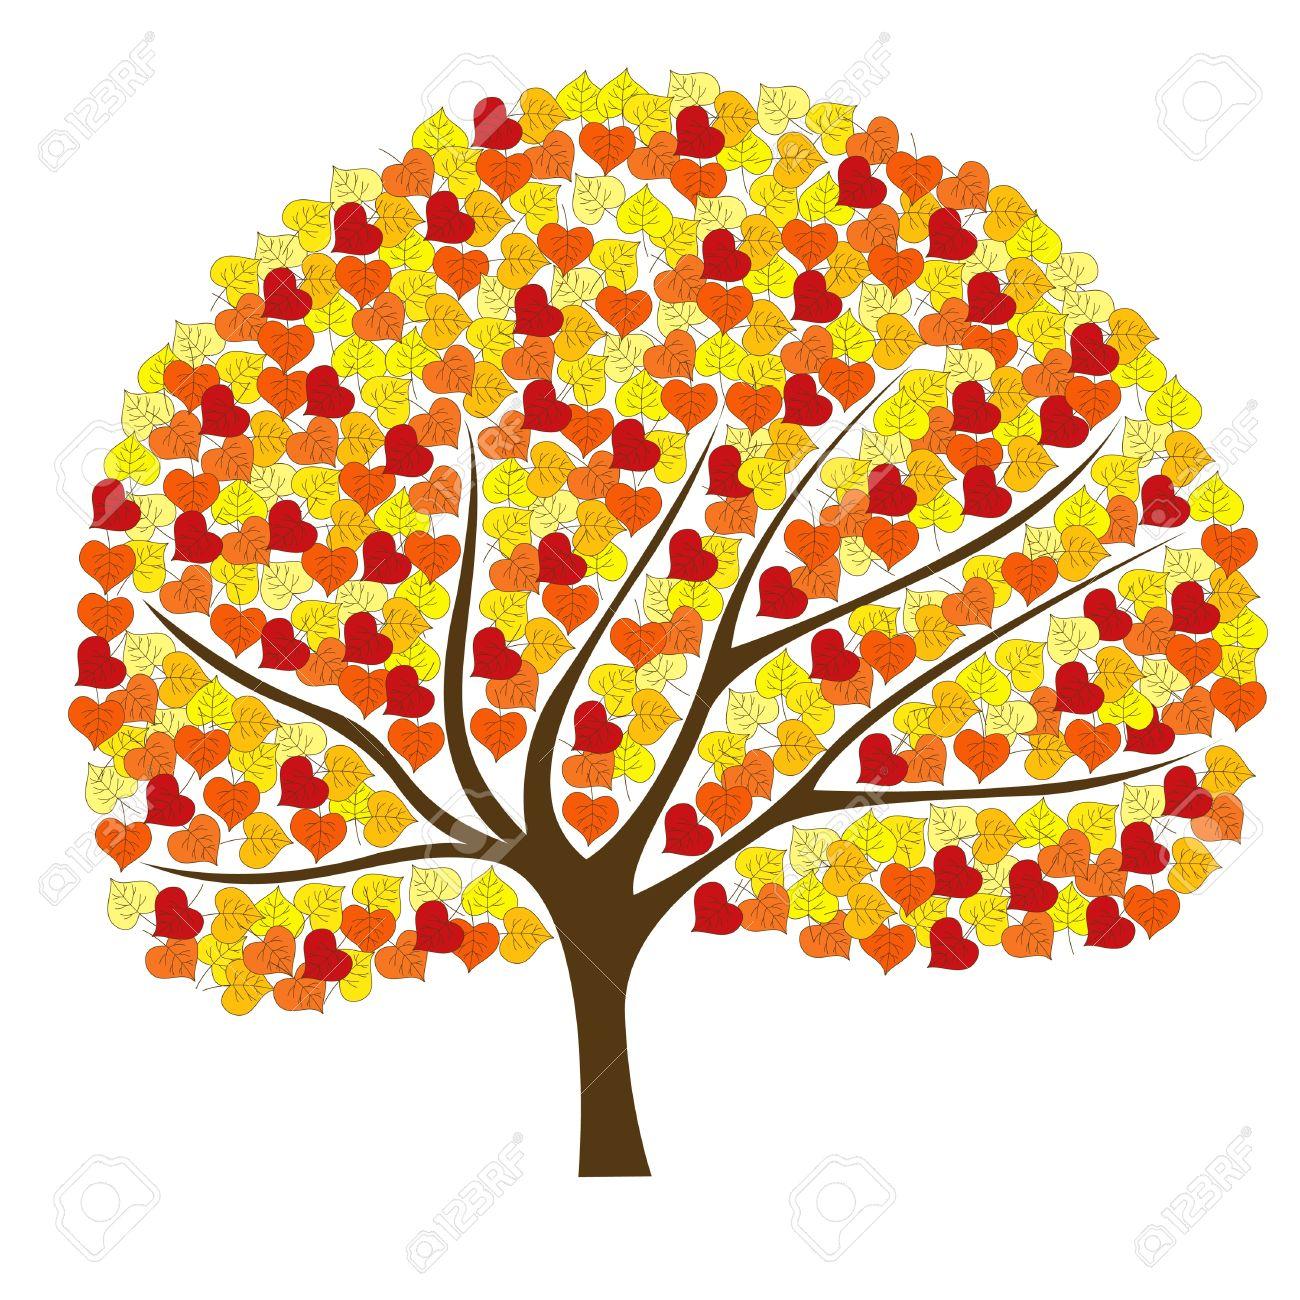 Cute Fall Tree Clipart Cute Fall Tree Cl-Cute Fall Tree Clipart Cute Fall Tree Clipart-5